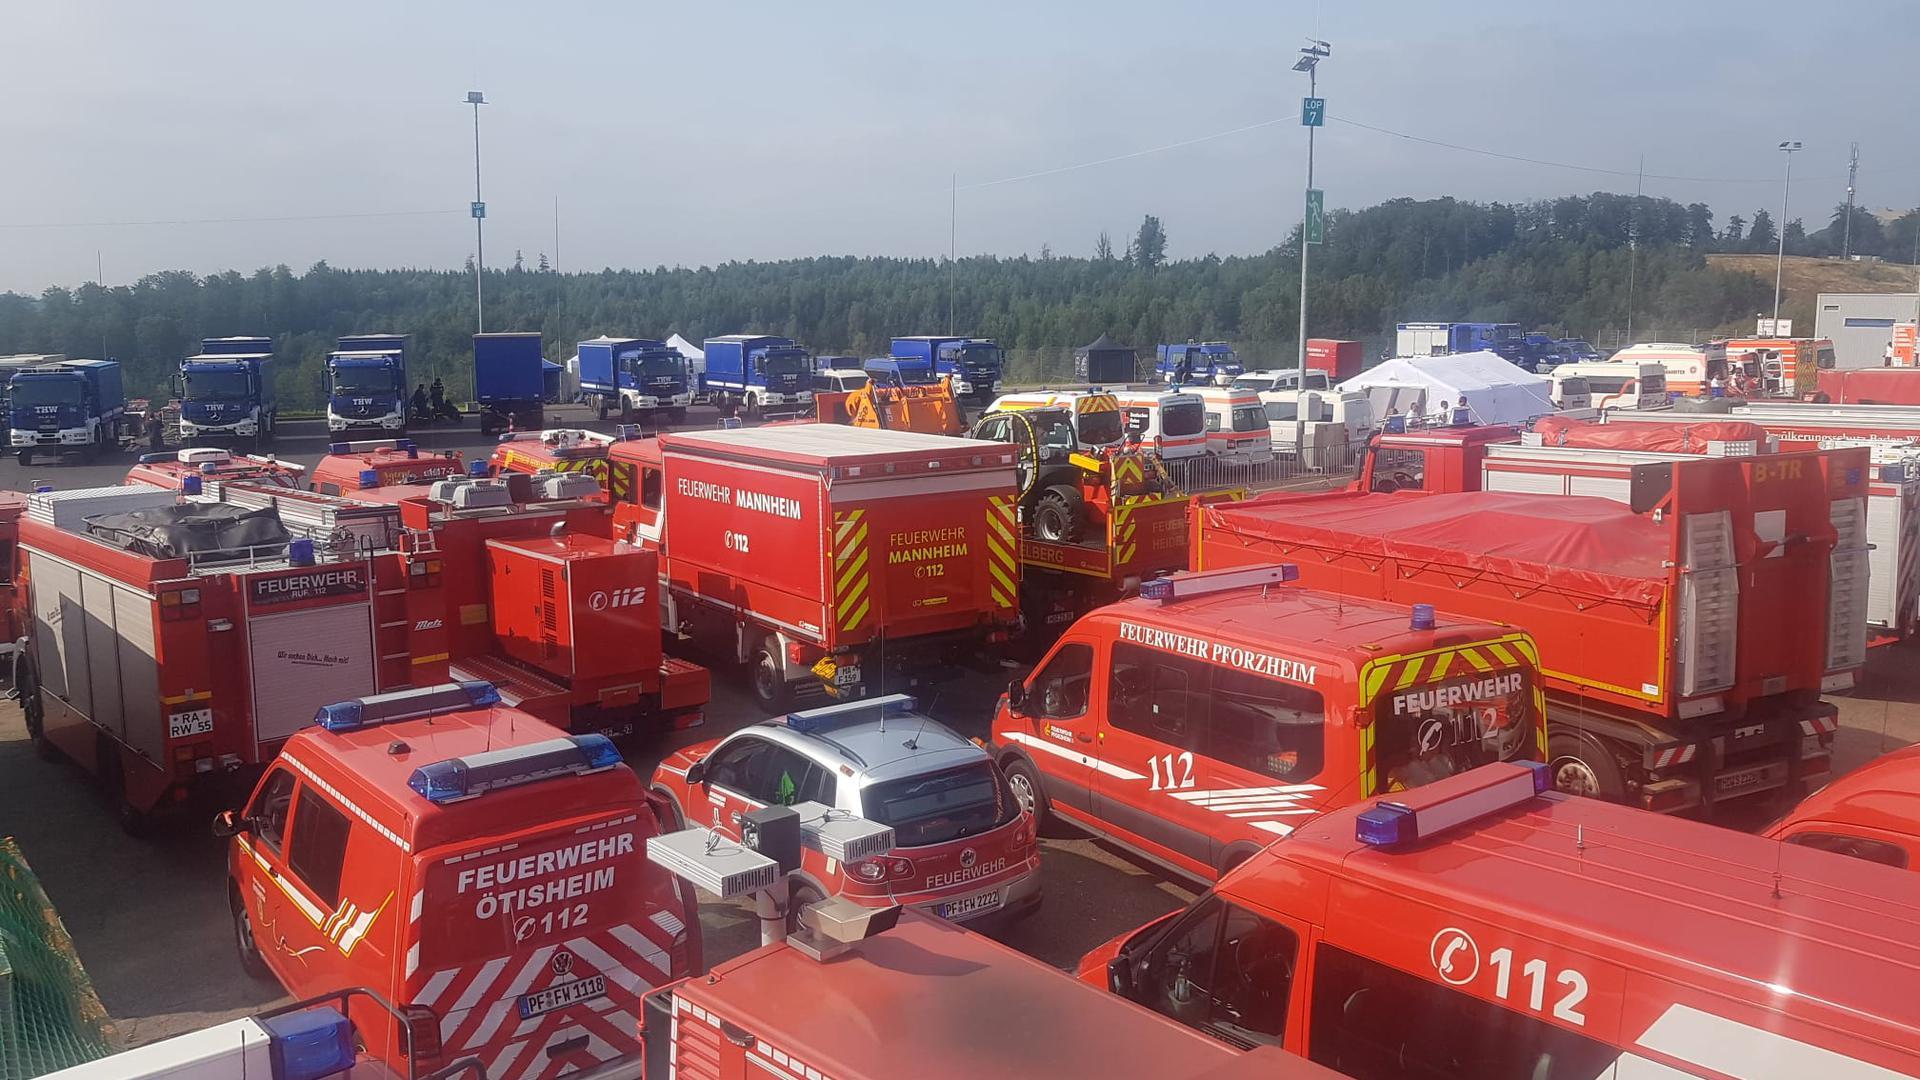 zahlreiche Feuerwehr-Einsatzwagen am Sammelpunkt beim Nürburgring